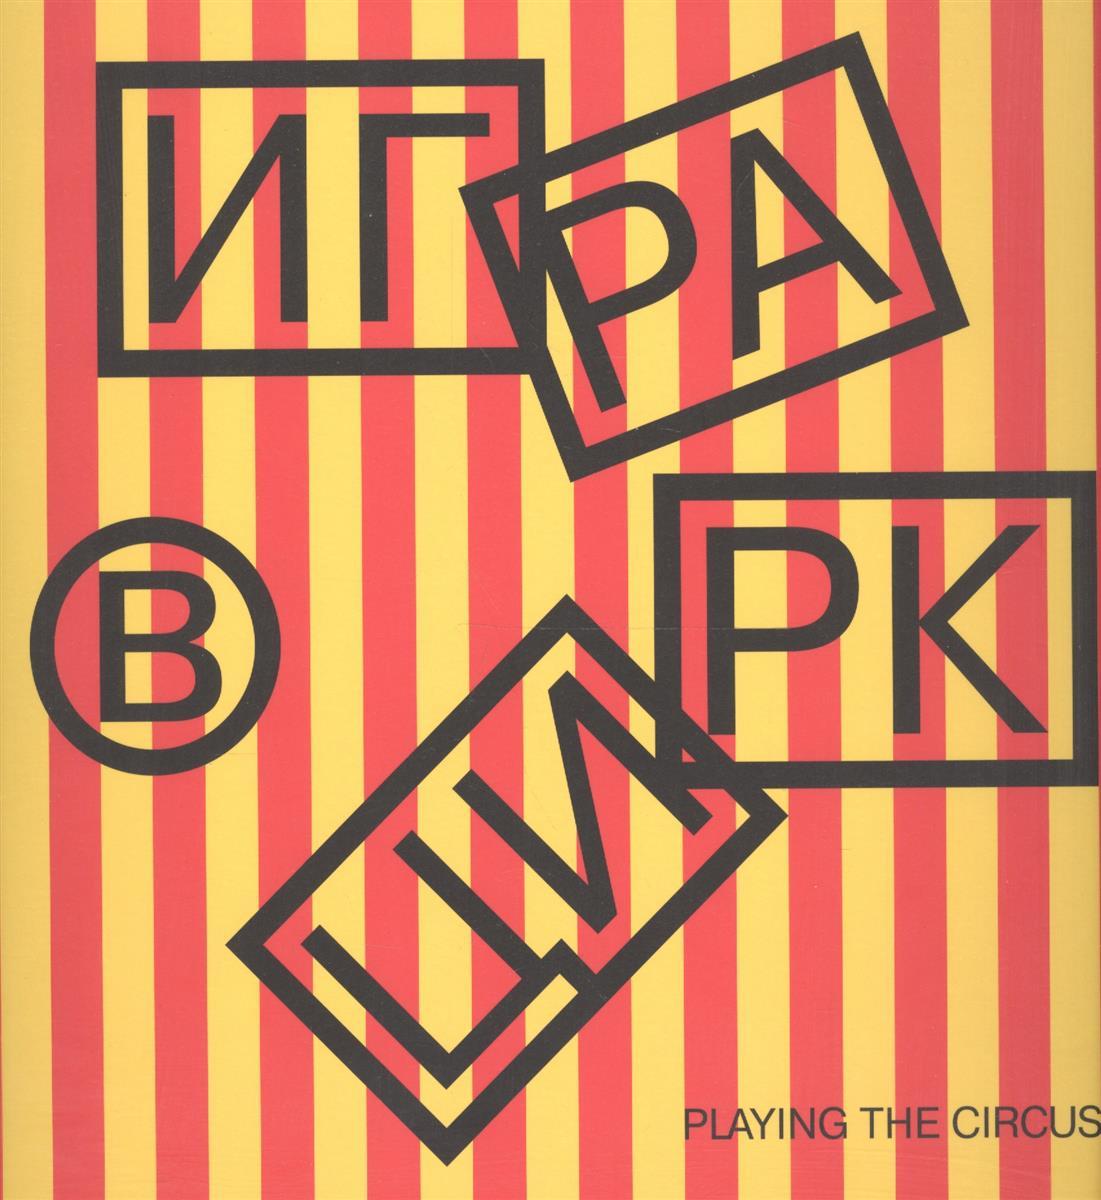 Воробьева Д., Дьячкова Н. Игра в цирк. Playing the Circus (книга на русском и английском языках) ISBN: 9785916110623 цены онлайн